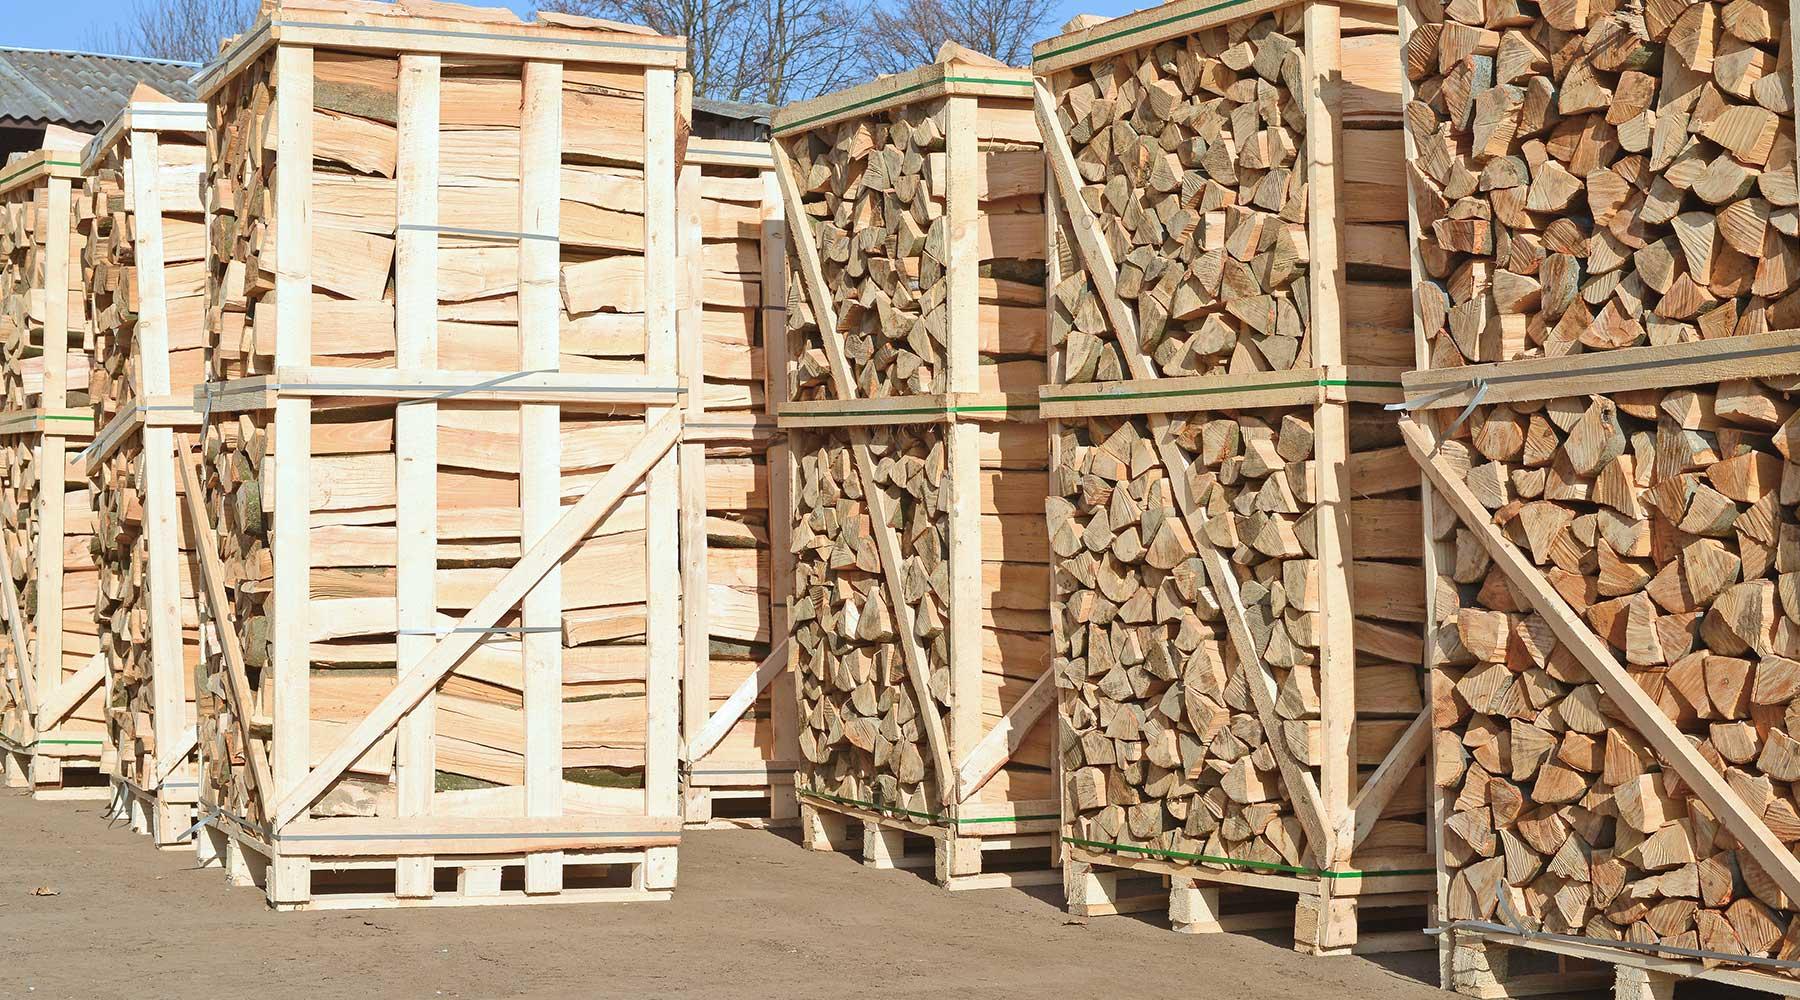 bancali di legna pronta per essere venduta o consegnata a domicilio